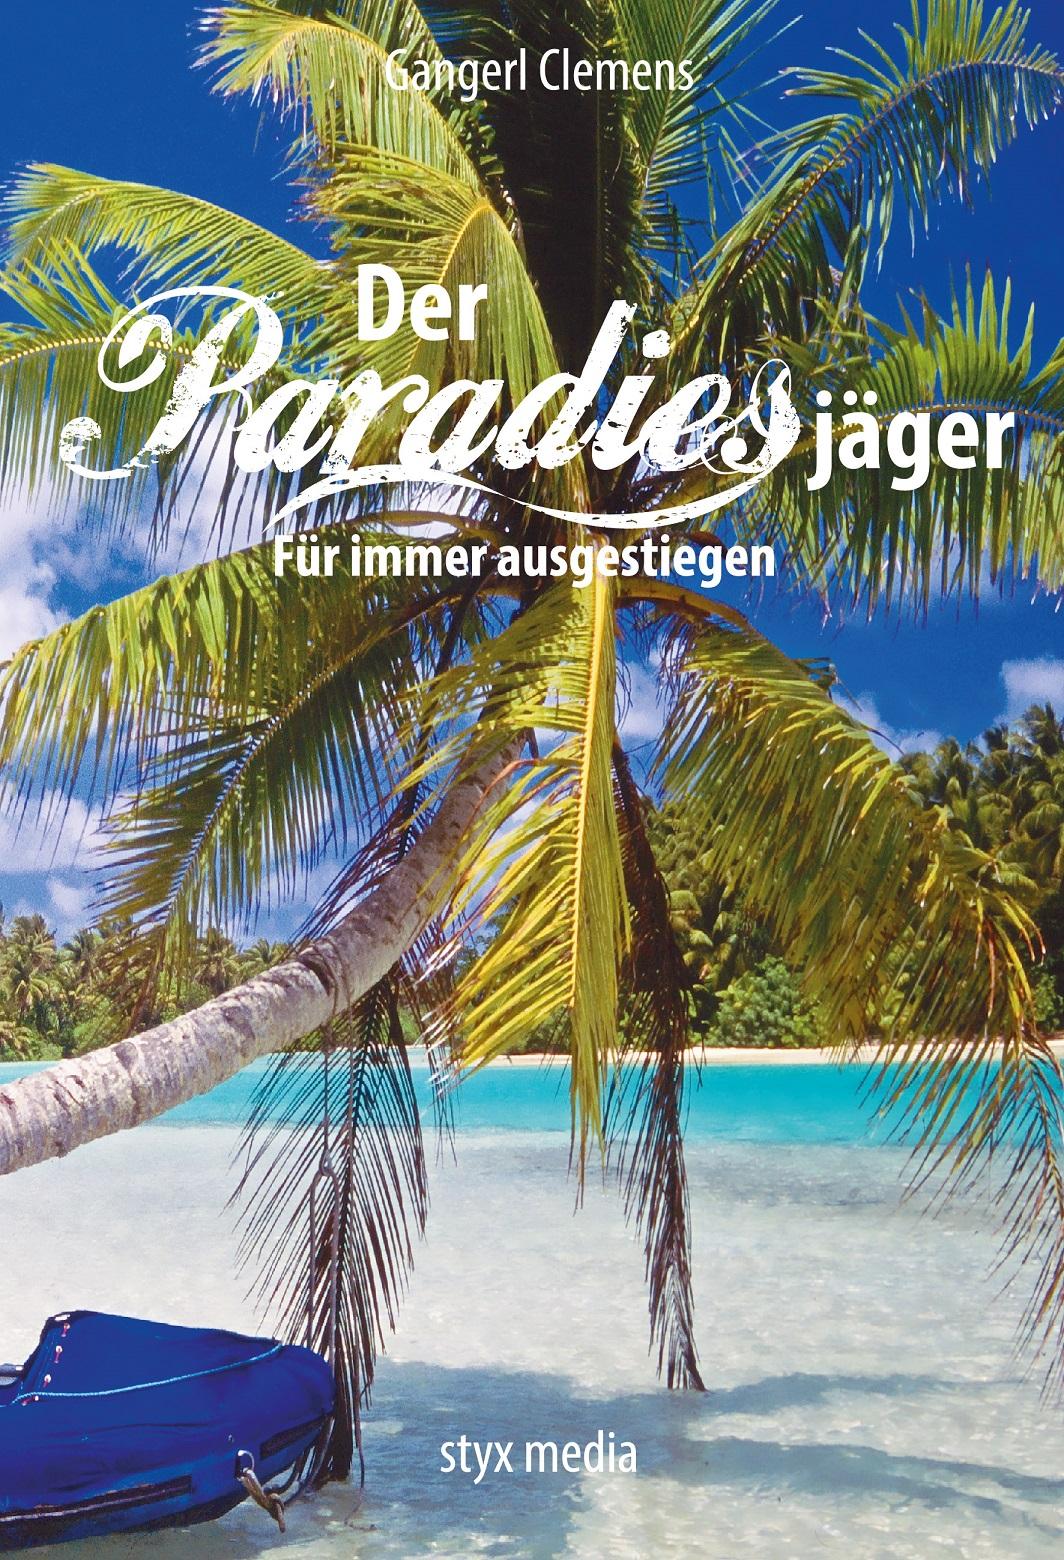 Der Paradiesjäger - Für immer ausgestiegen